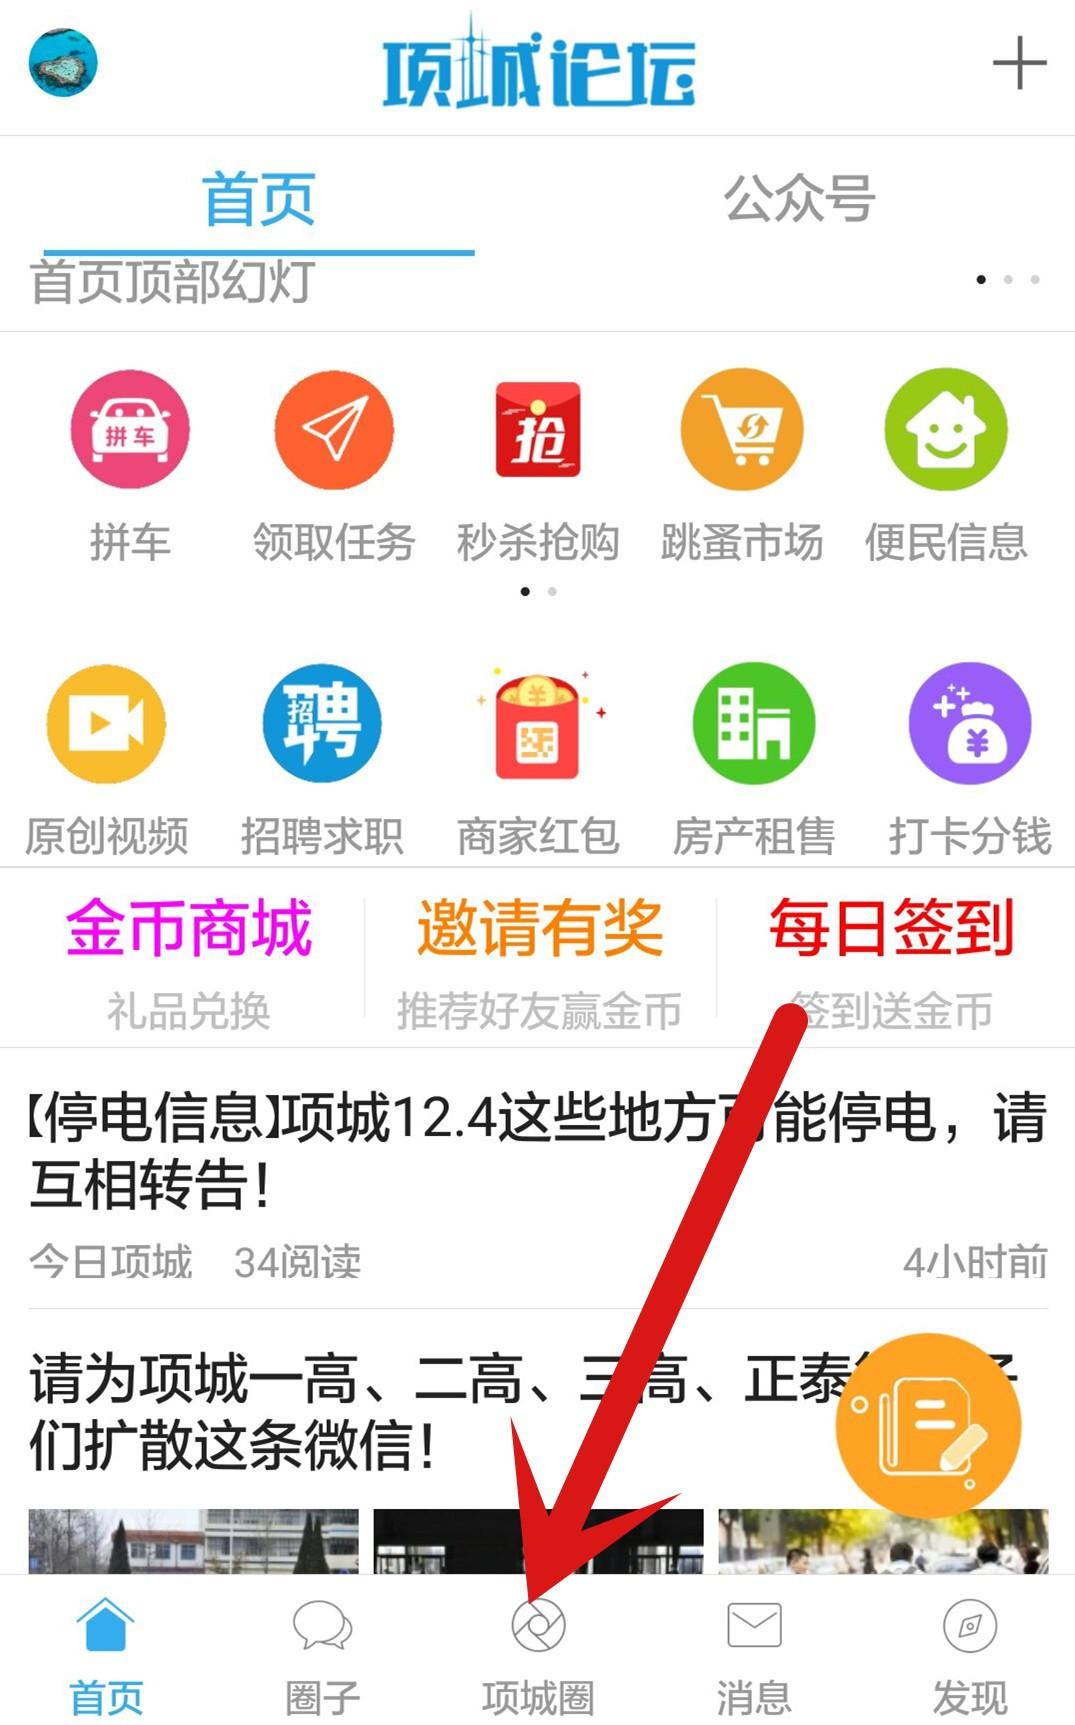 属于项城人的专属社交软件——项城论坛app正式上线!